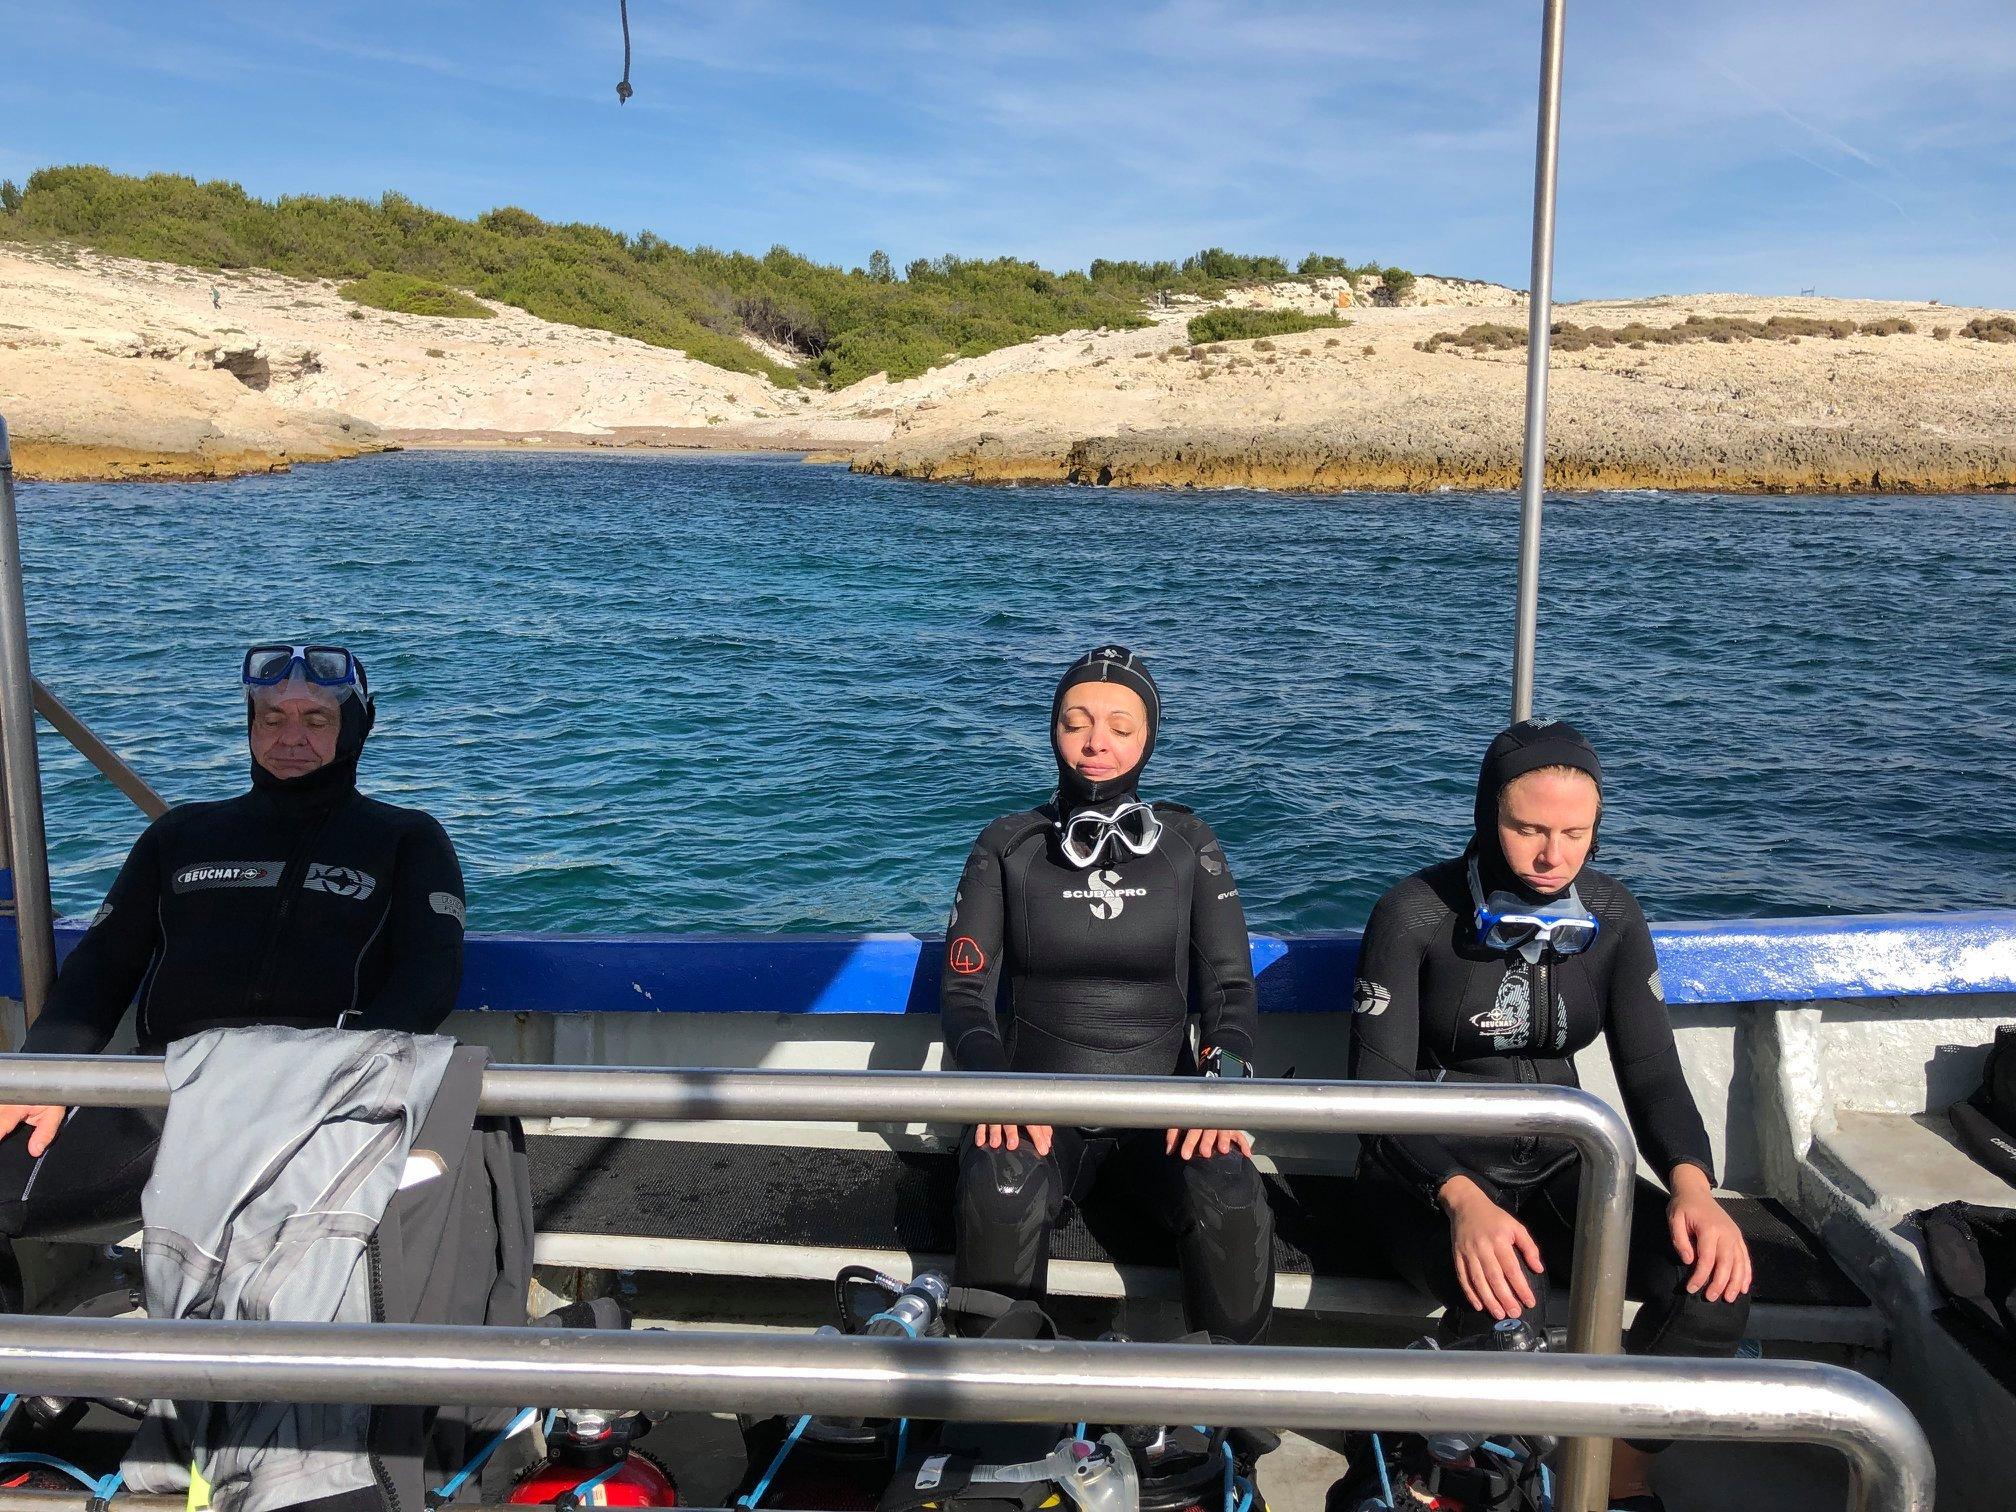 Séance de préparation mentale sur le bateau juste avant la plongée.